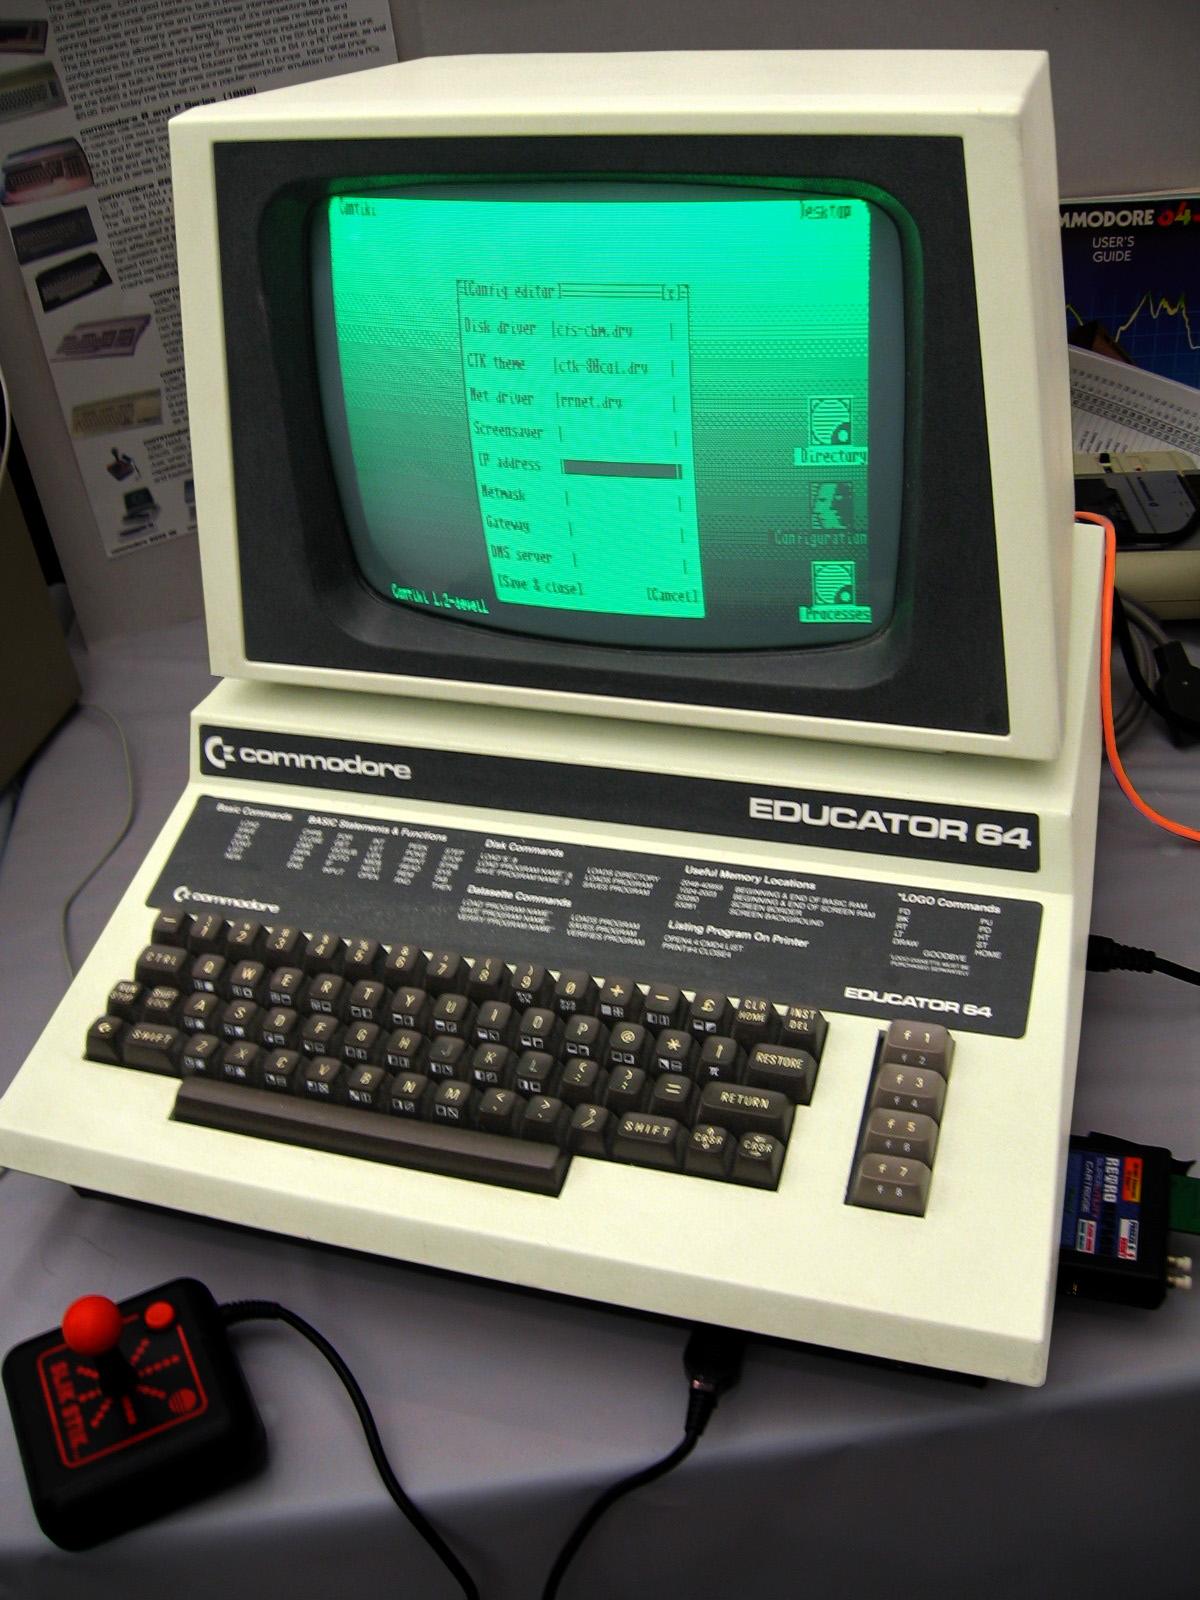 Commodore Educator 64 - Wikipedia